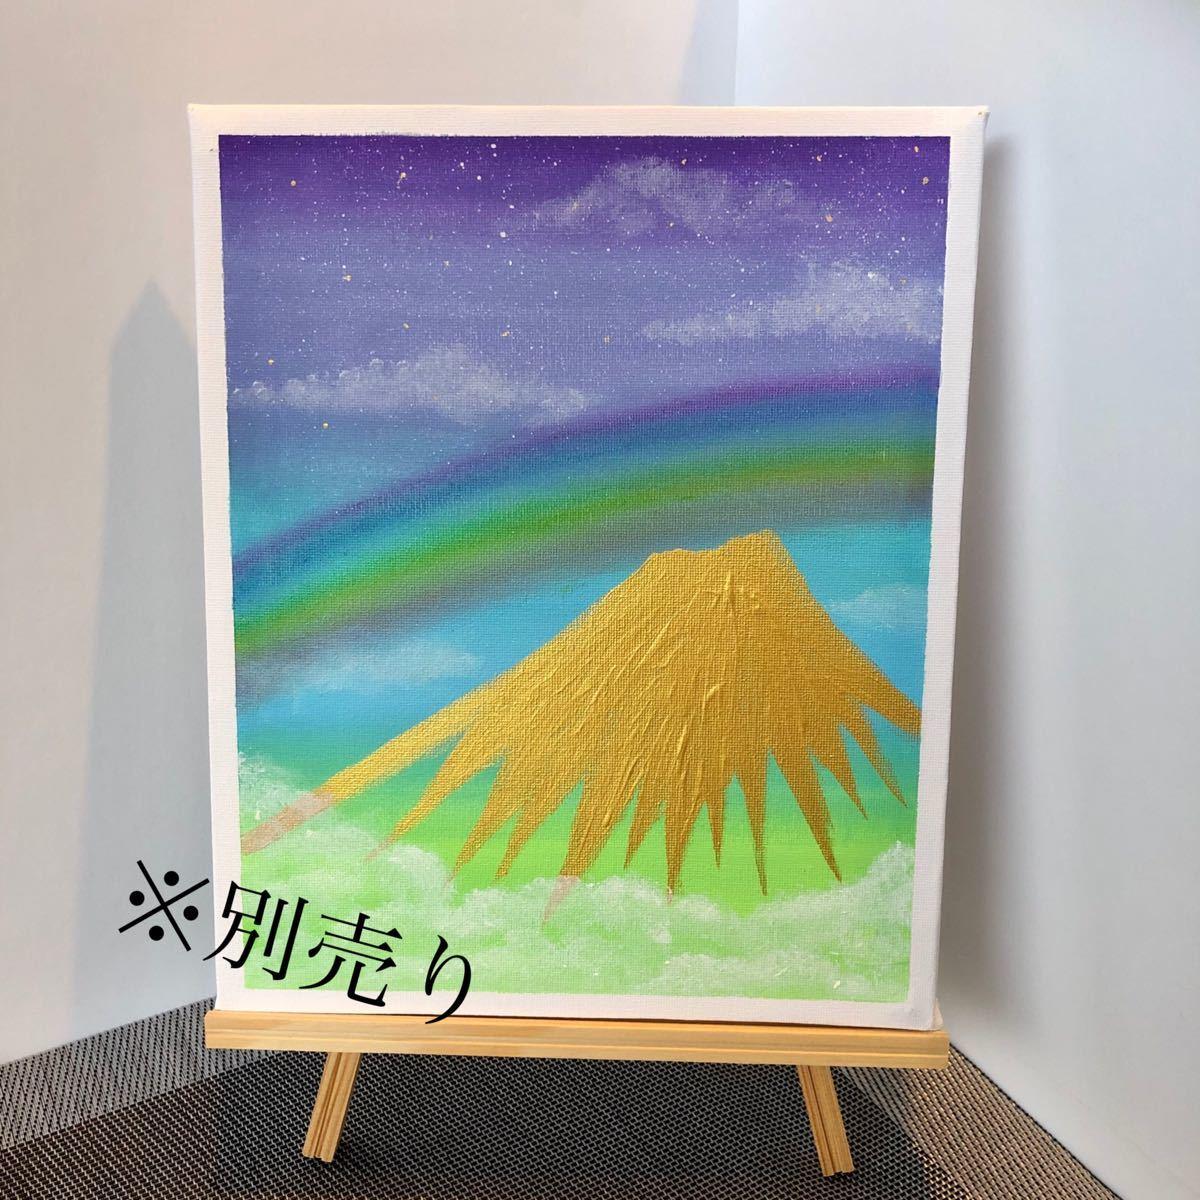 【全開運】虹と龍神雲【幸福 繁栄】